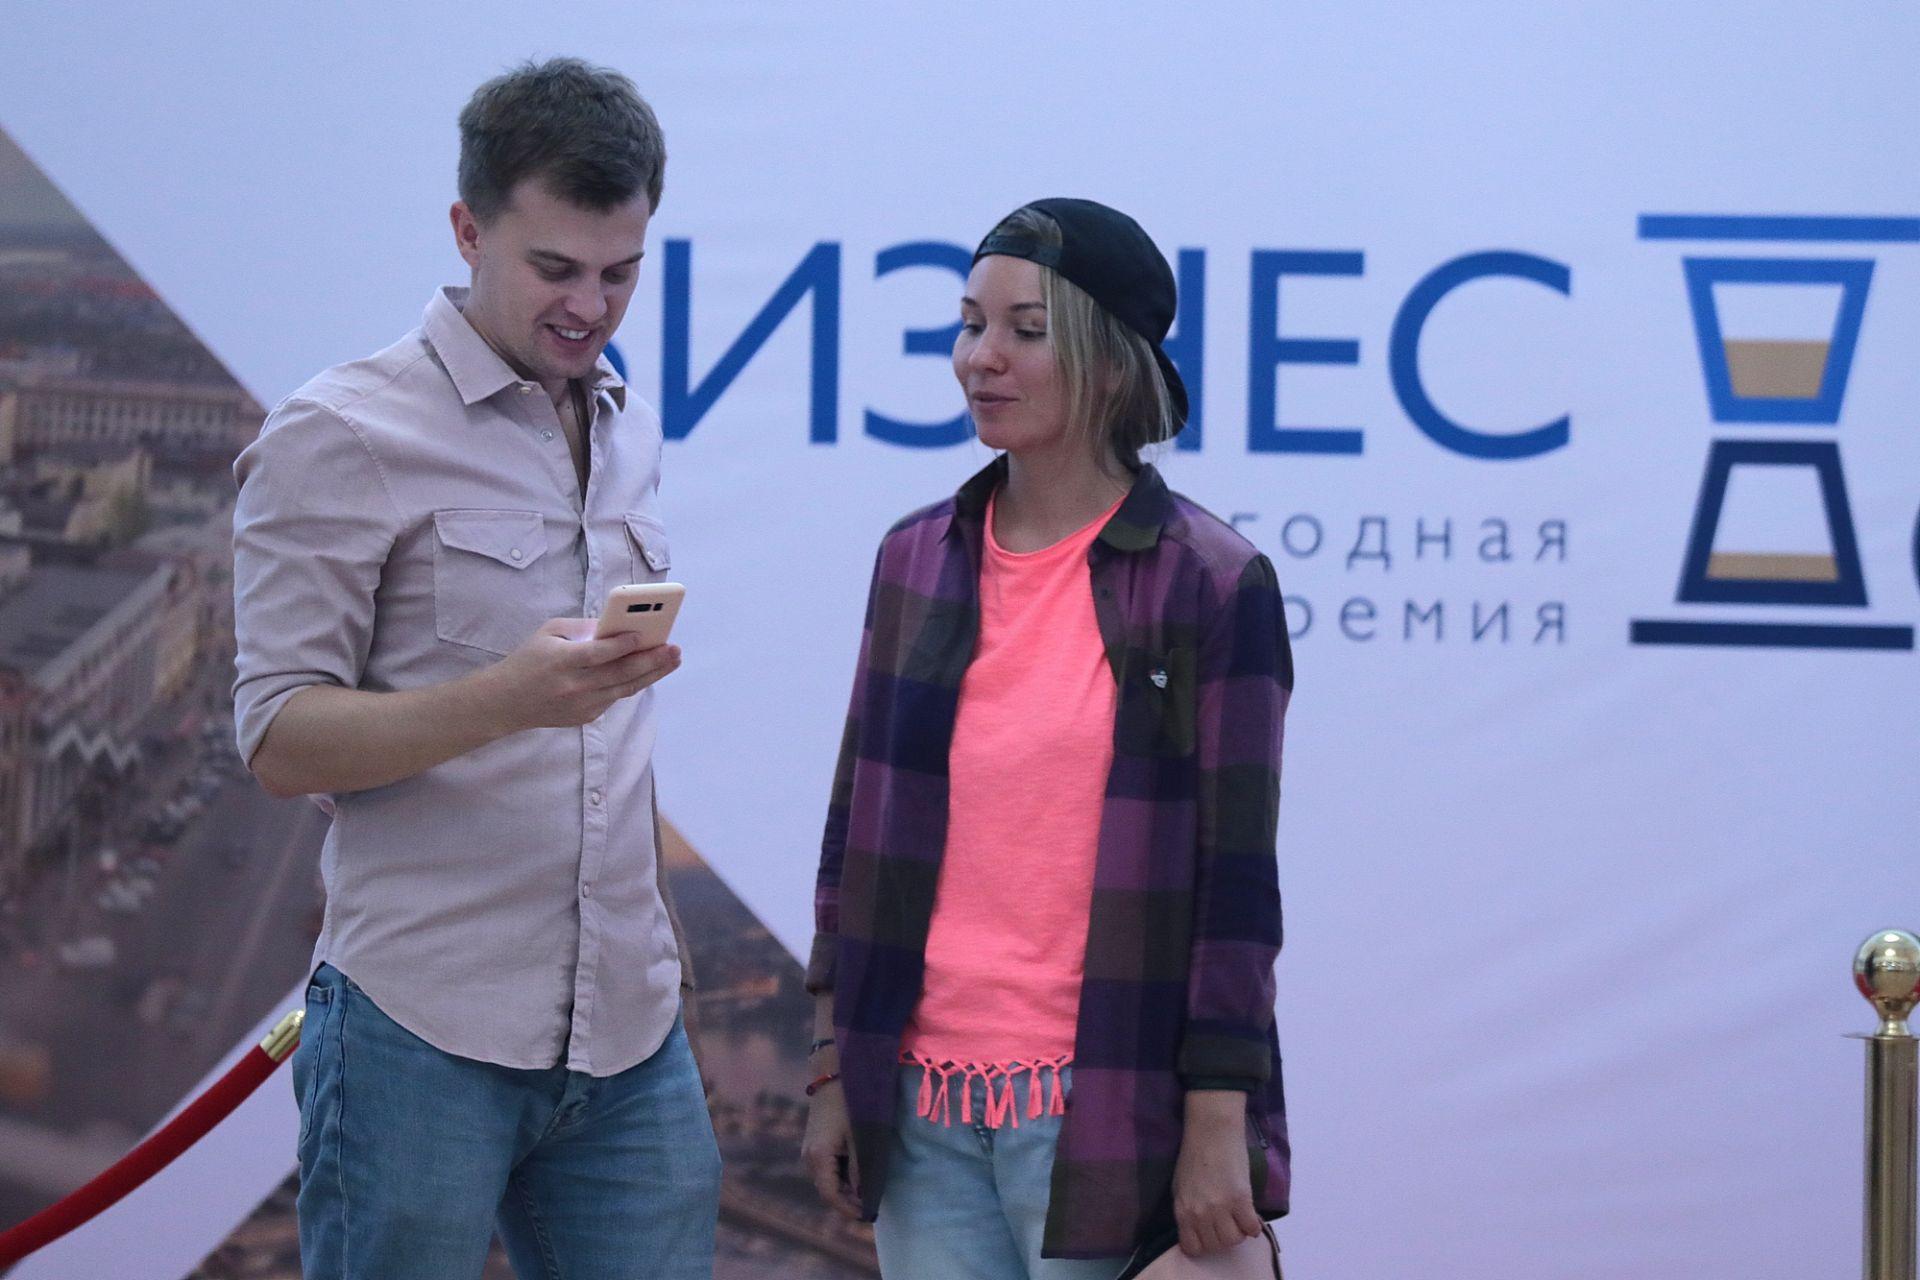 «Бизнес Дона»: премиальный фонд — 2 млн рублей